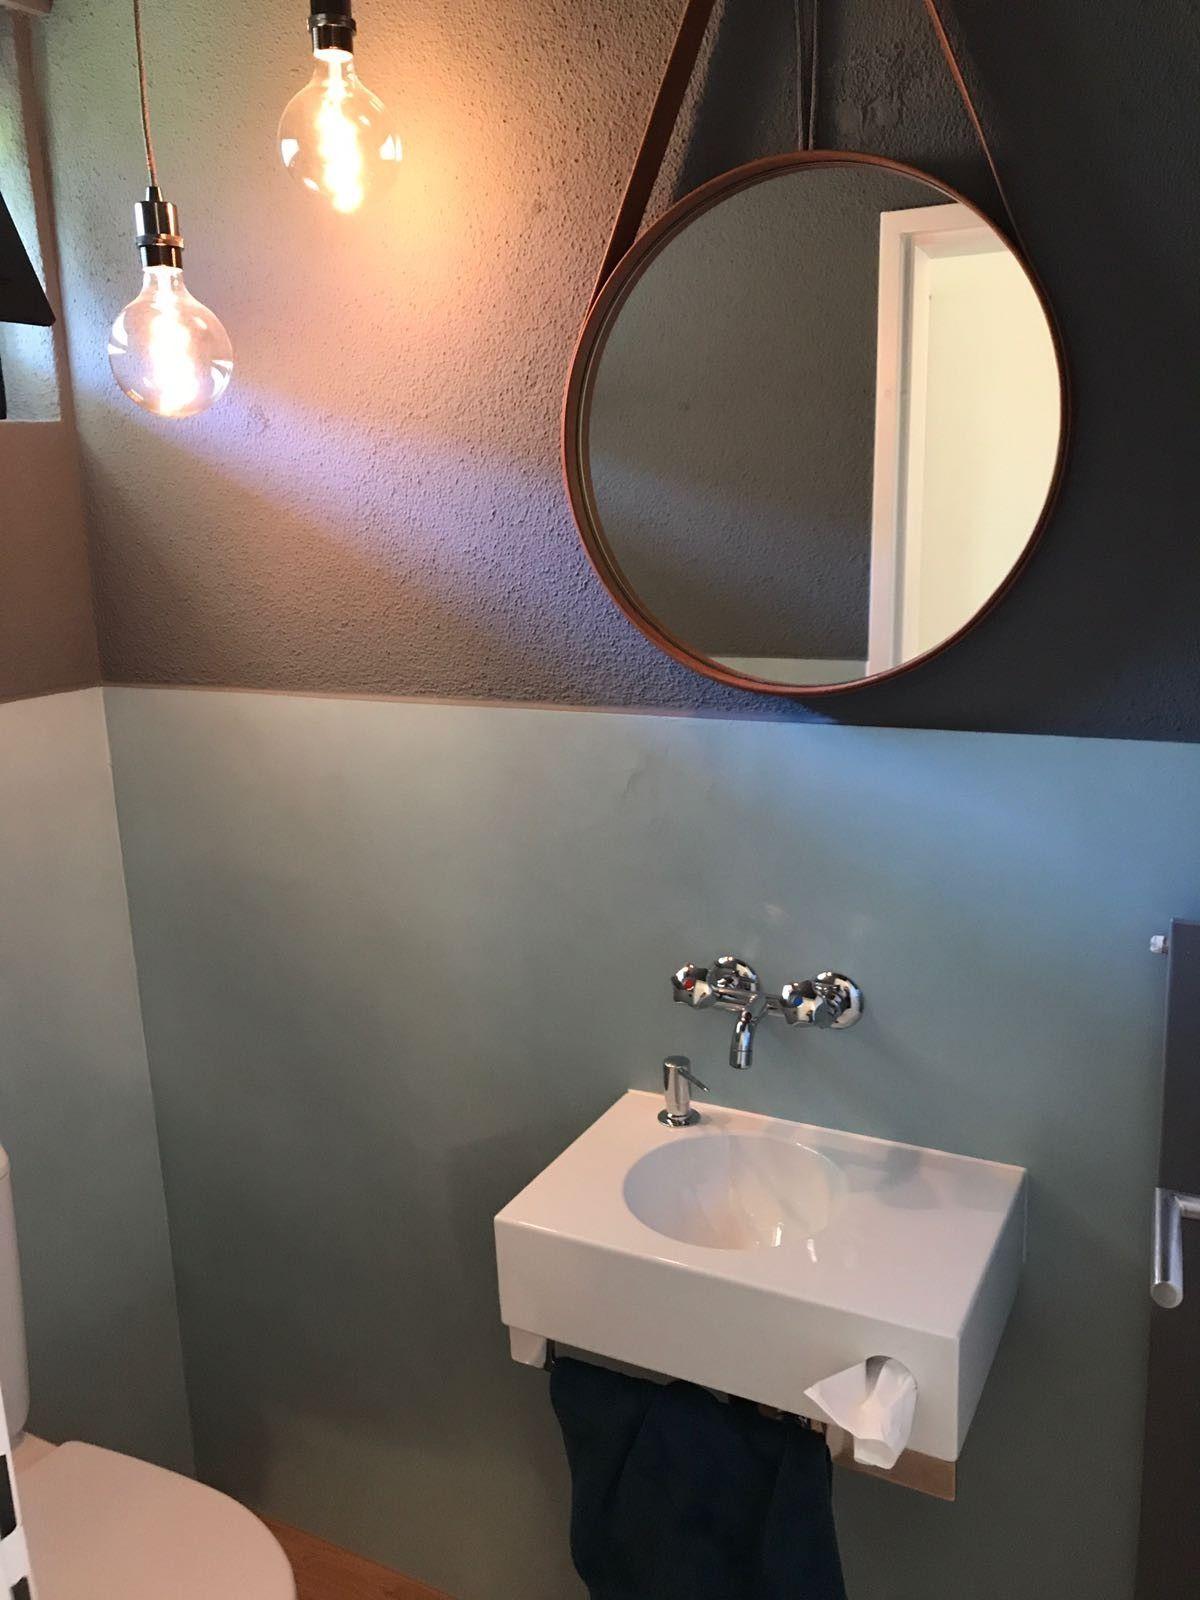 Schmidlin Orbis Mini With Towelholder And Built In Tissue Dispenser As Well As Built In Soap Dispenser Badezimmer Zimmer Baden